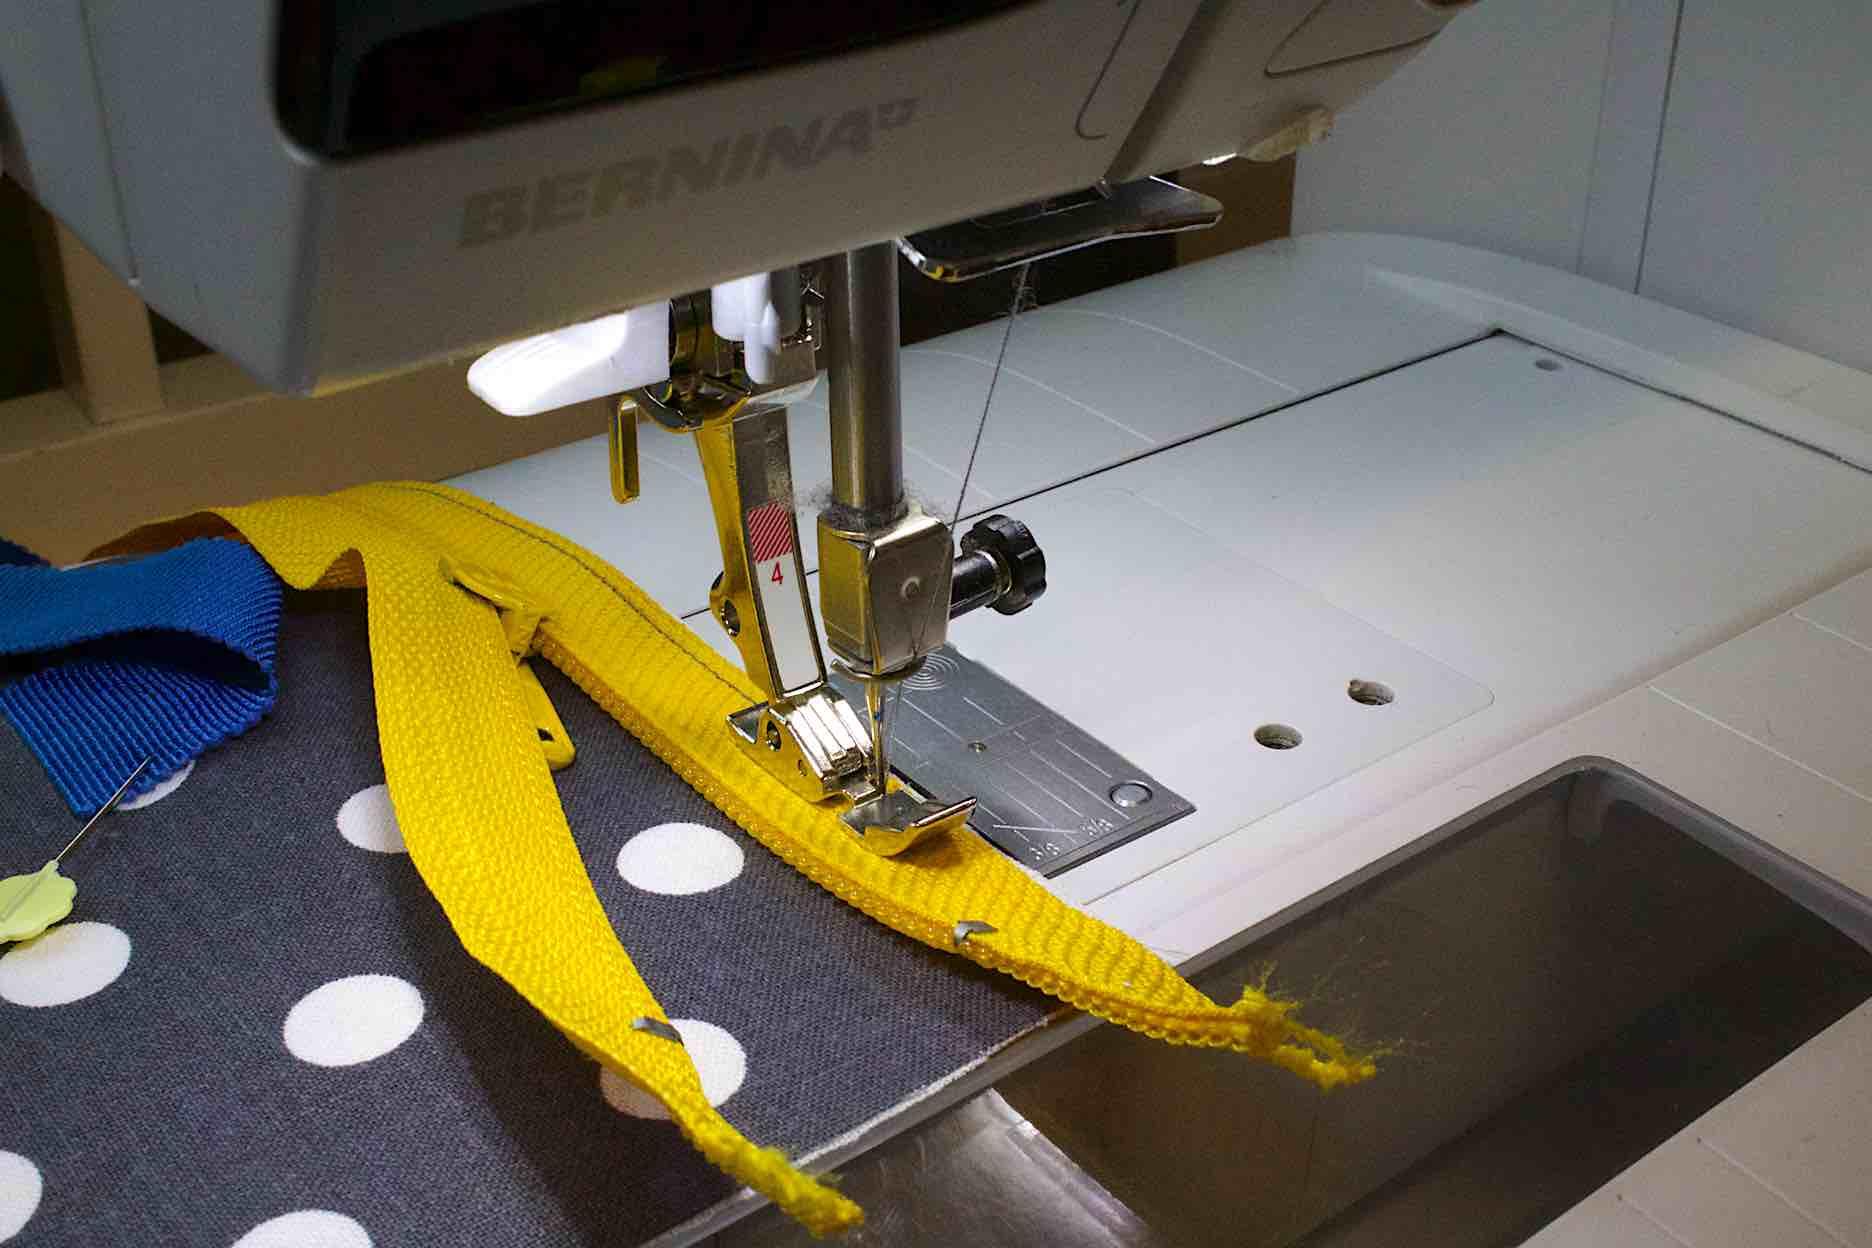 Cambiare il piedino per chiusure lampo e cucire a 4 mm dal bordo